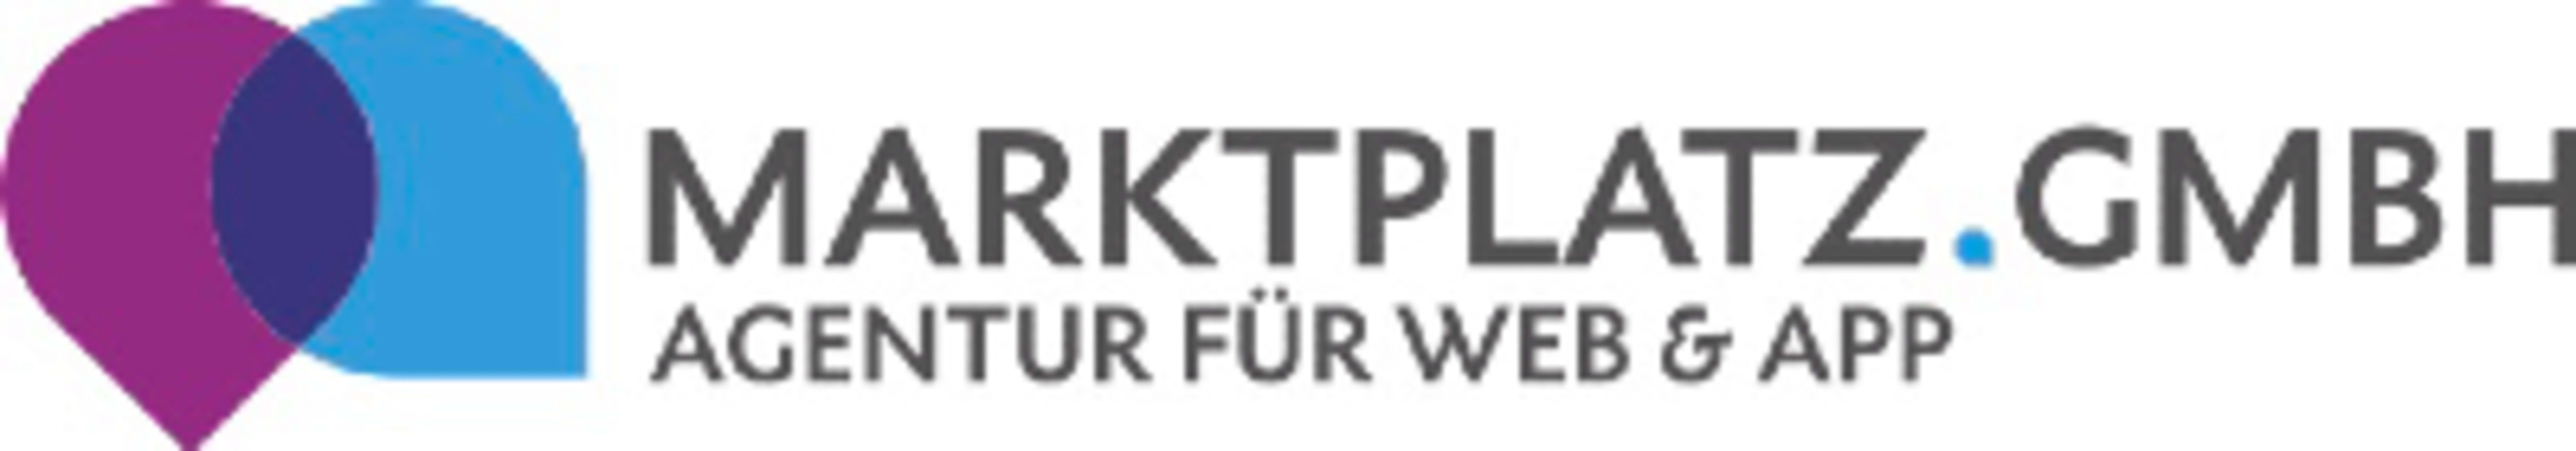 logo Marktplatz GmbH - Agentur für Web & App